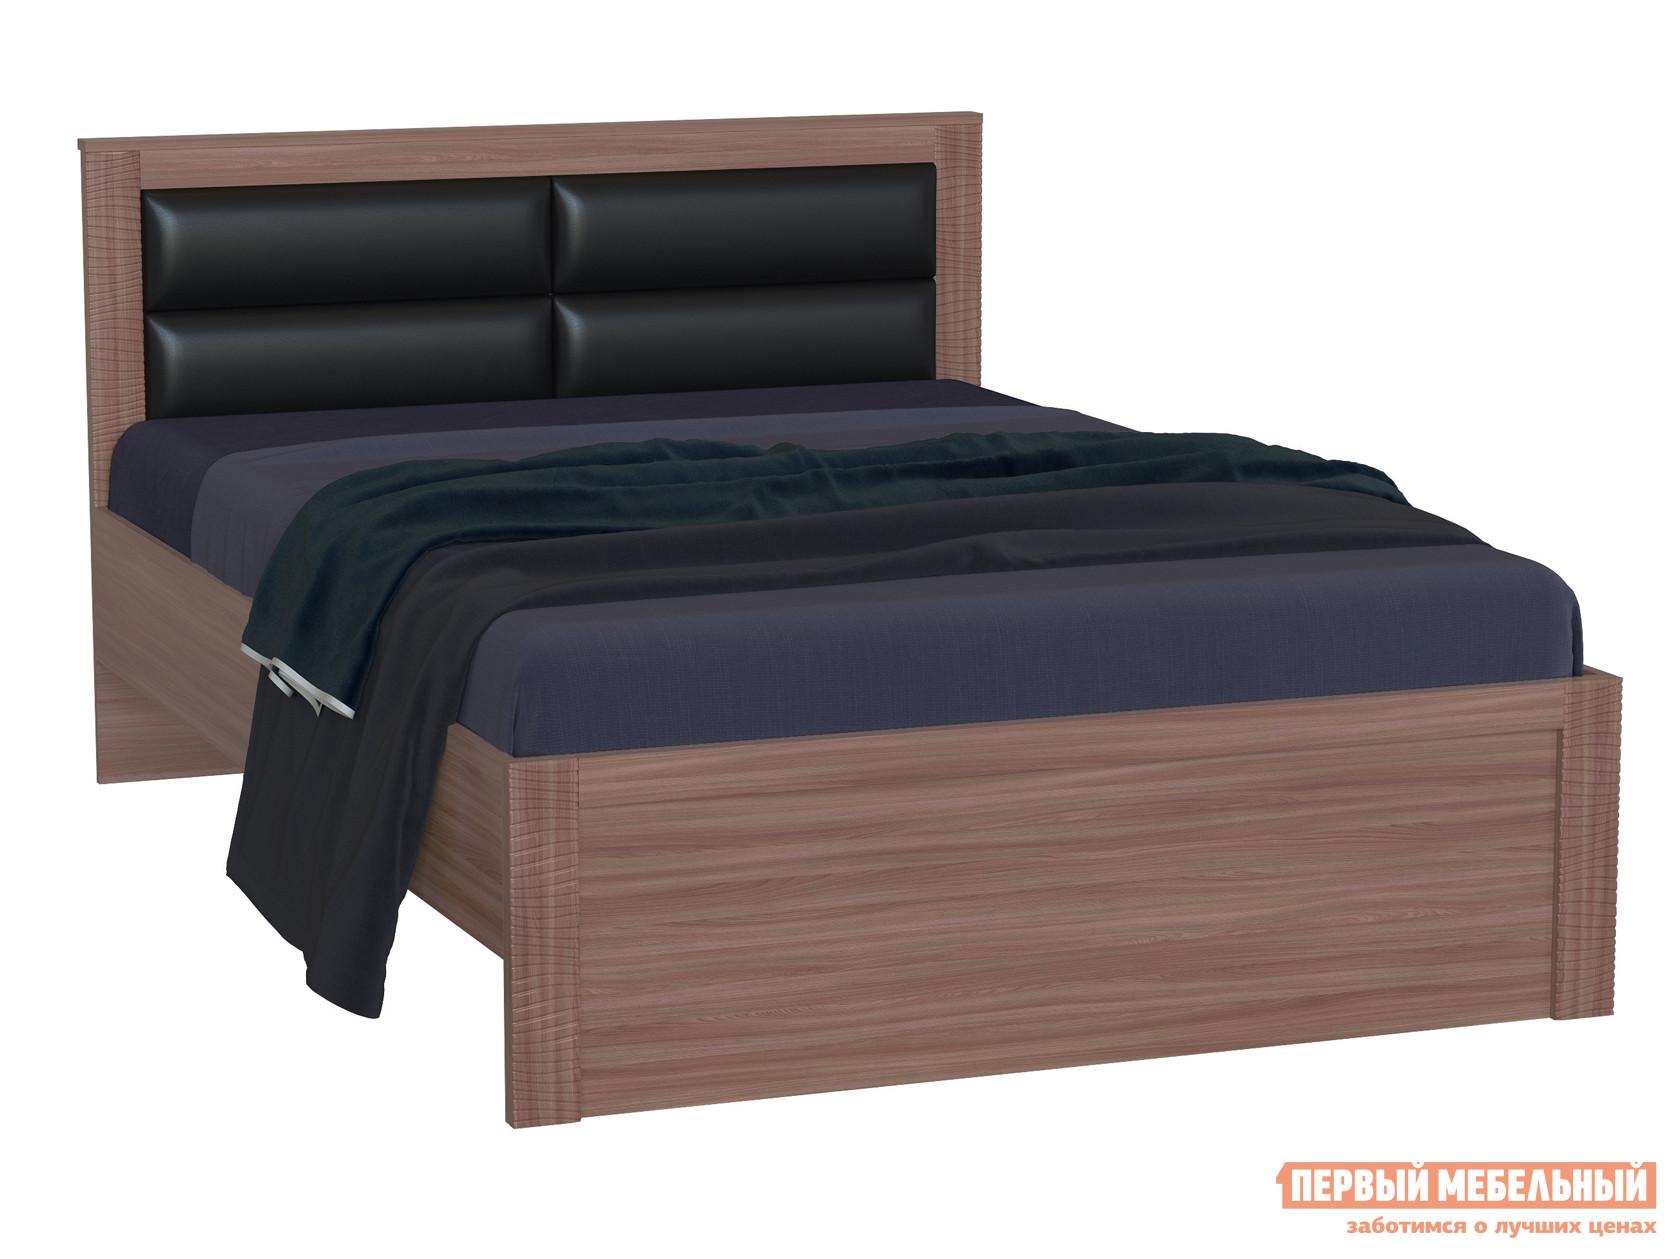 Двуспальная кровать с ортопедическим основанием Первый Мебельный Кровать Элегия анрэкс кровать с основанием tiffany